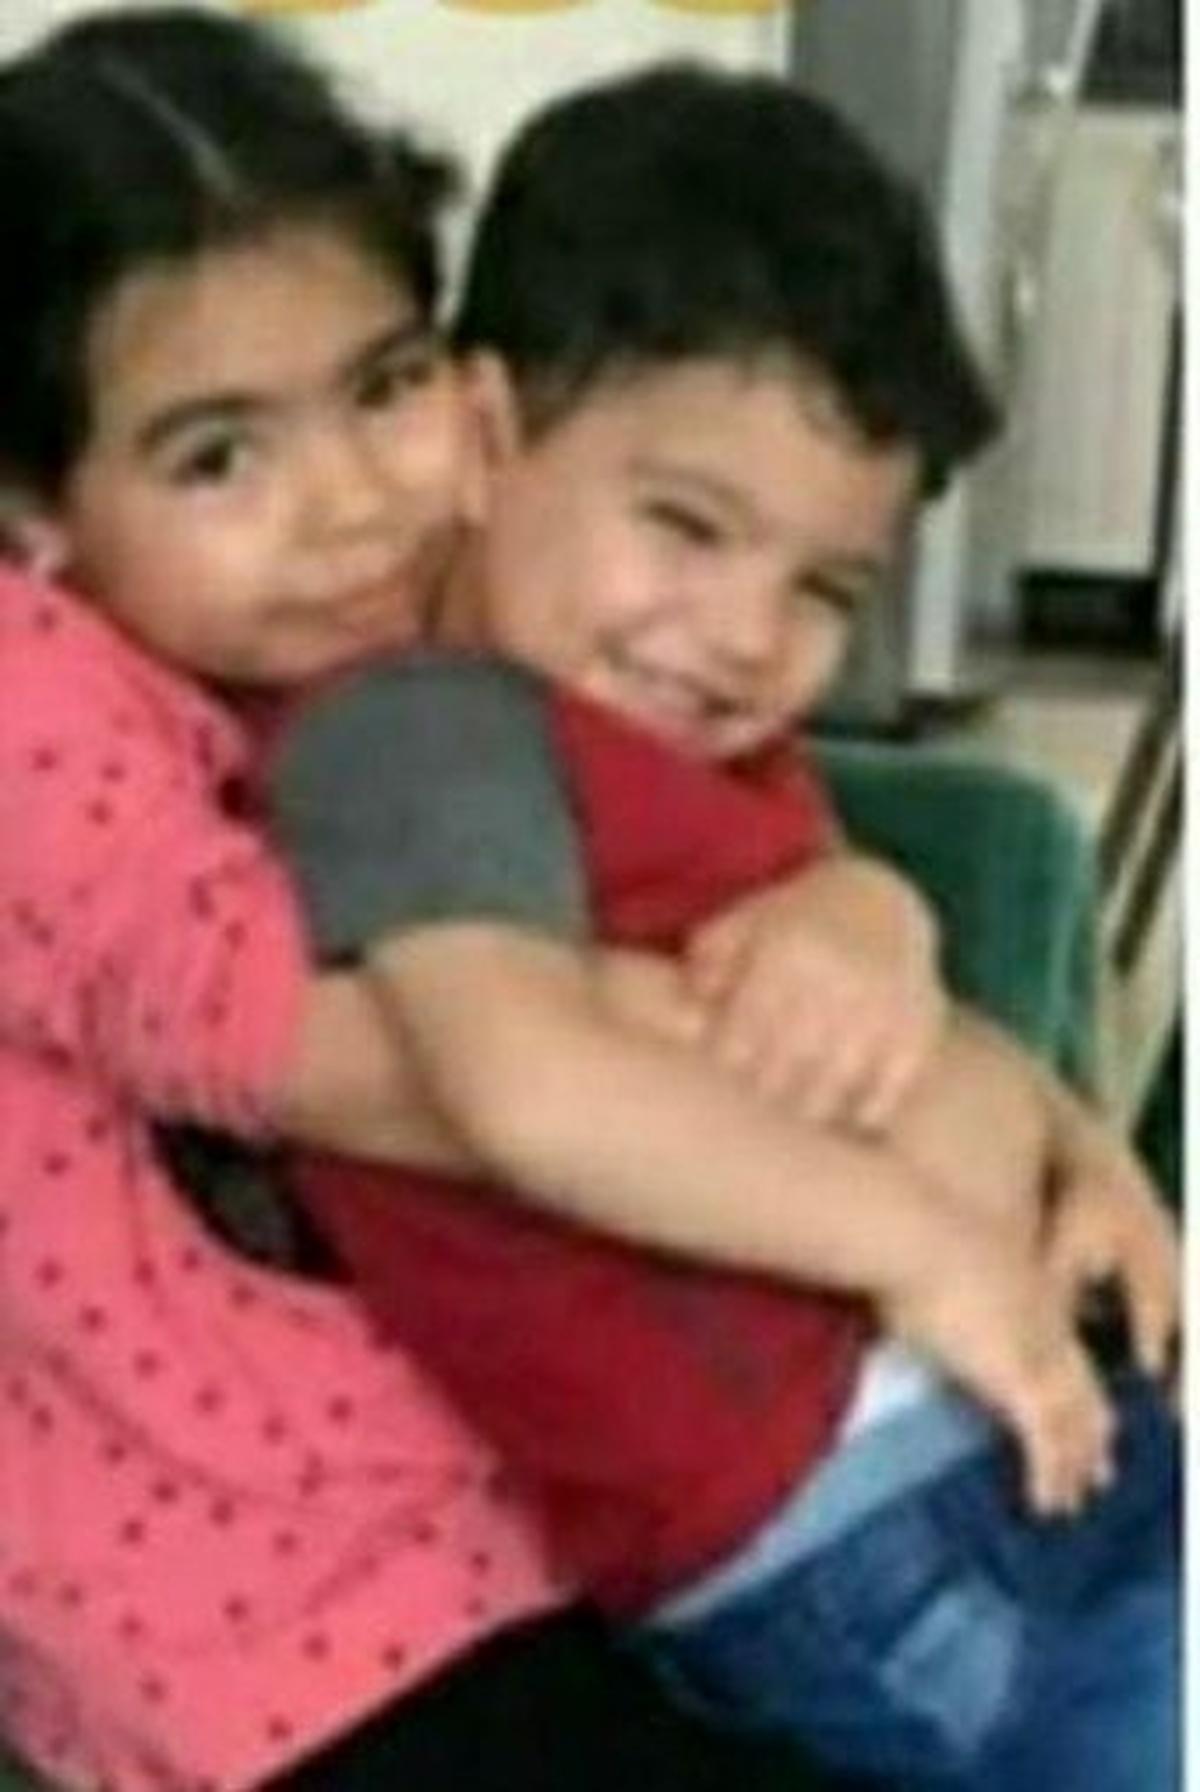 سوسیس و کالباس فاسد در گیلان جان 2 کودک را گرفت (+عکس)